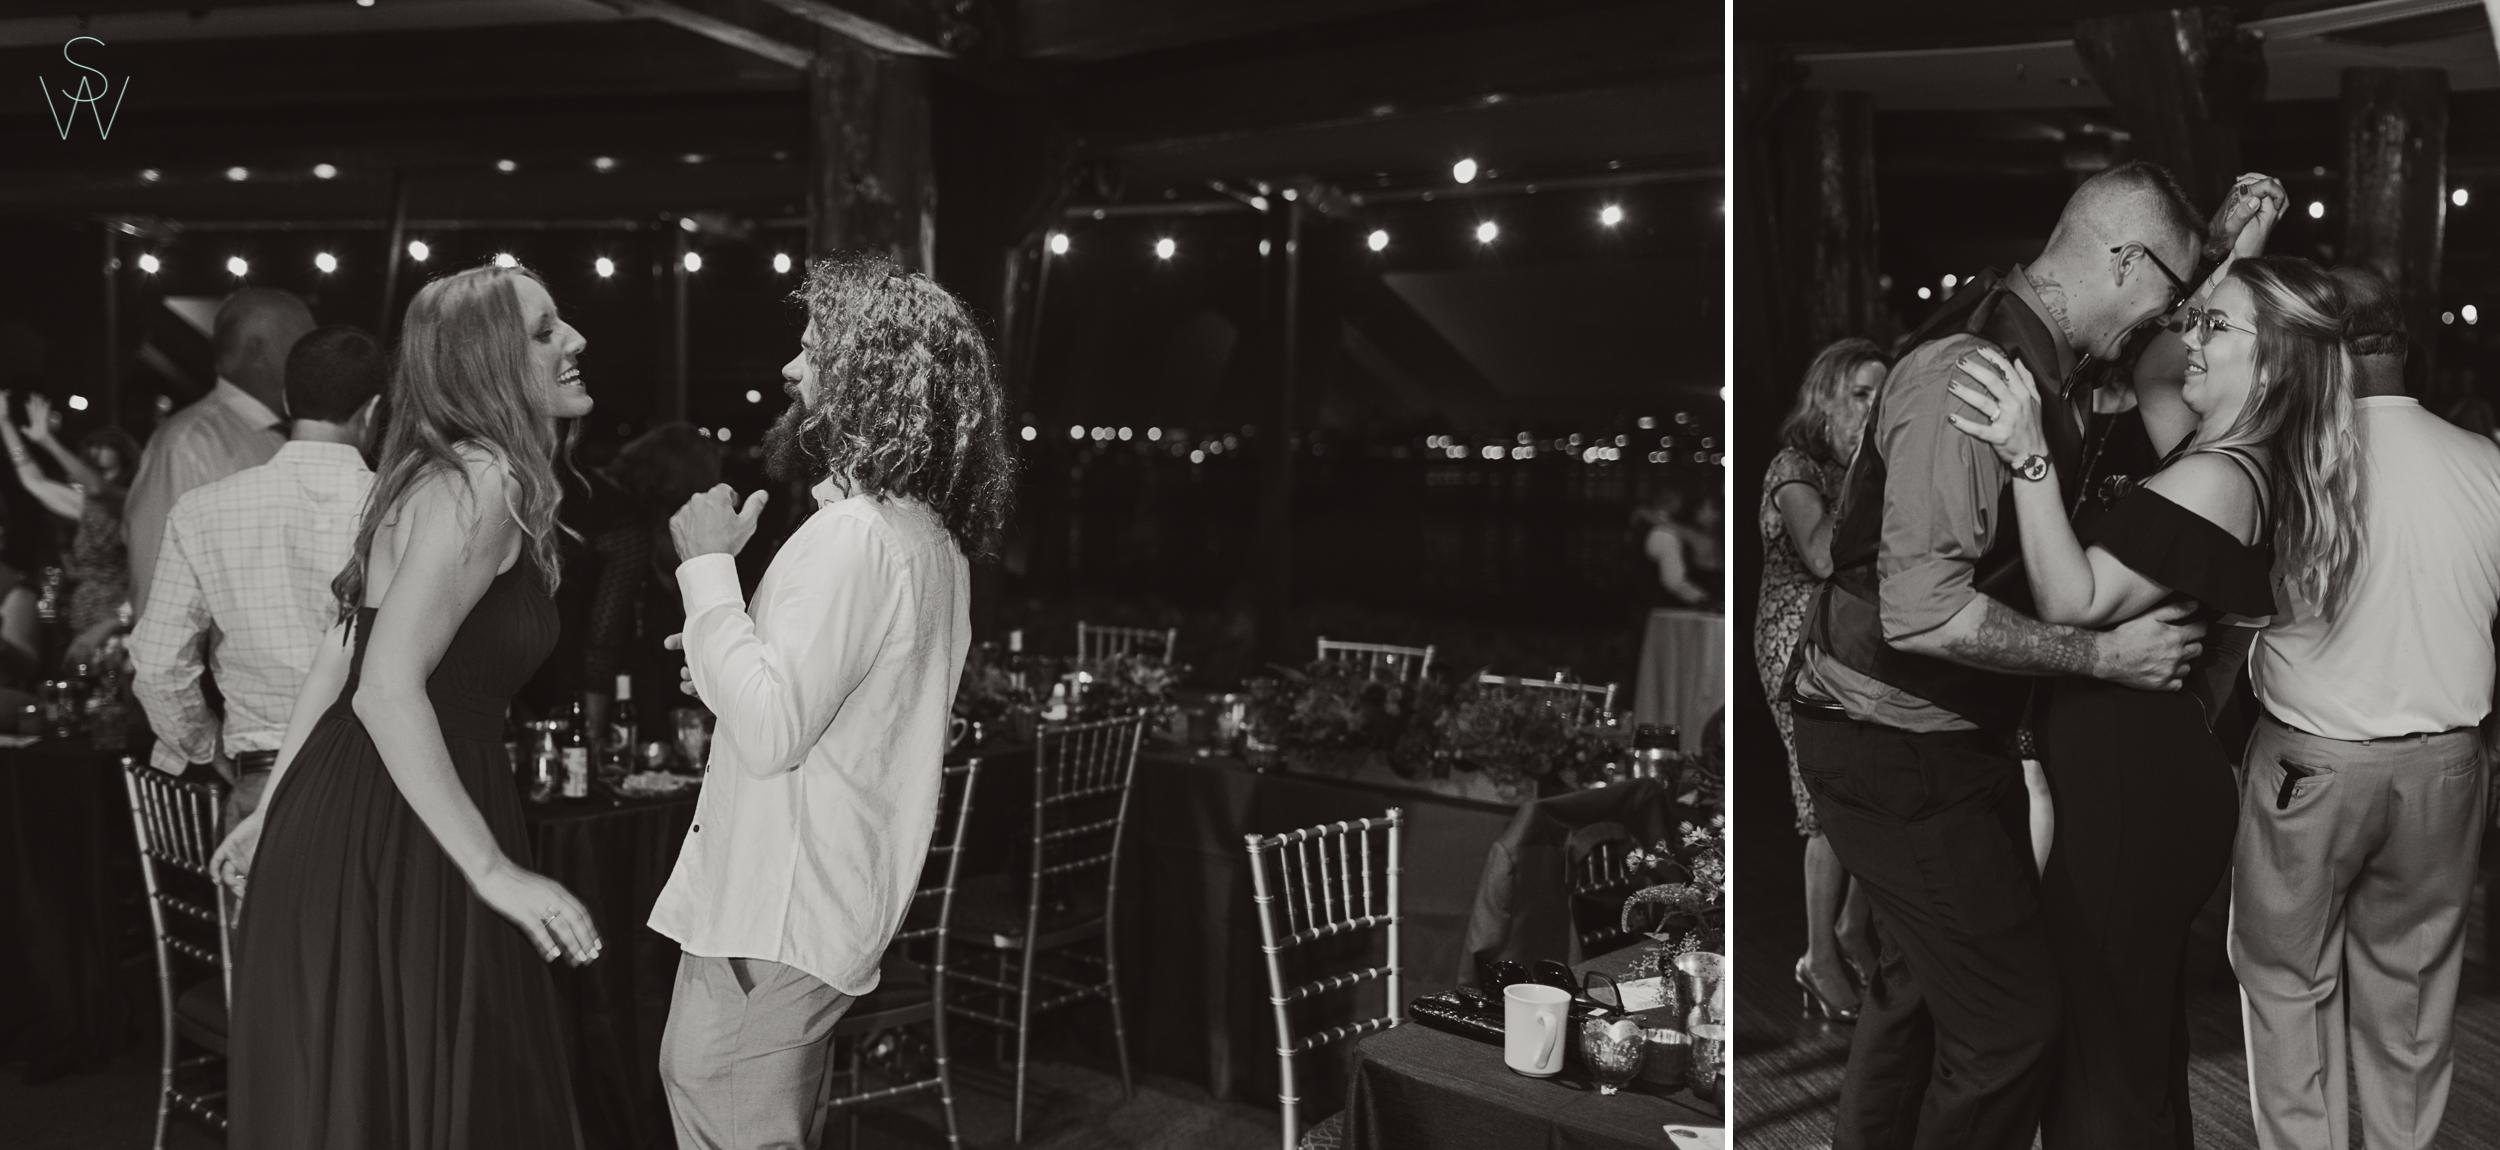 207San.diego.wedding.shewanders.photography.JPG